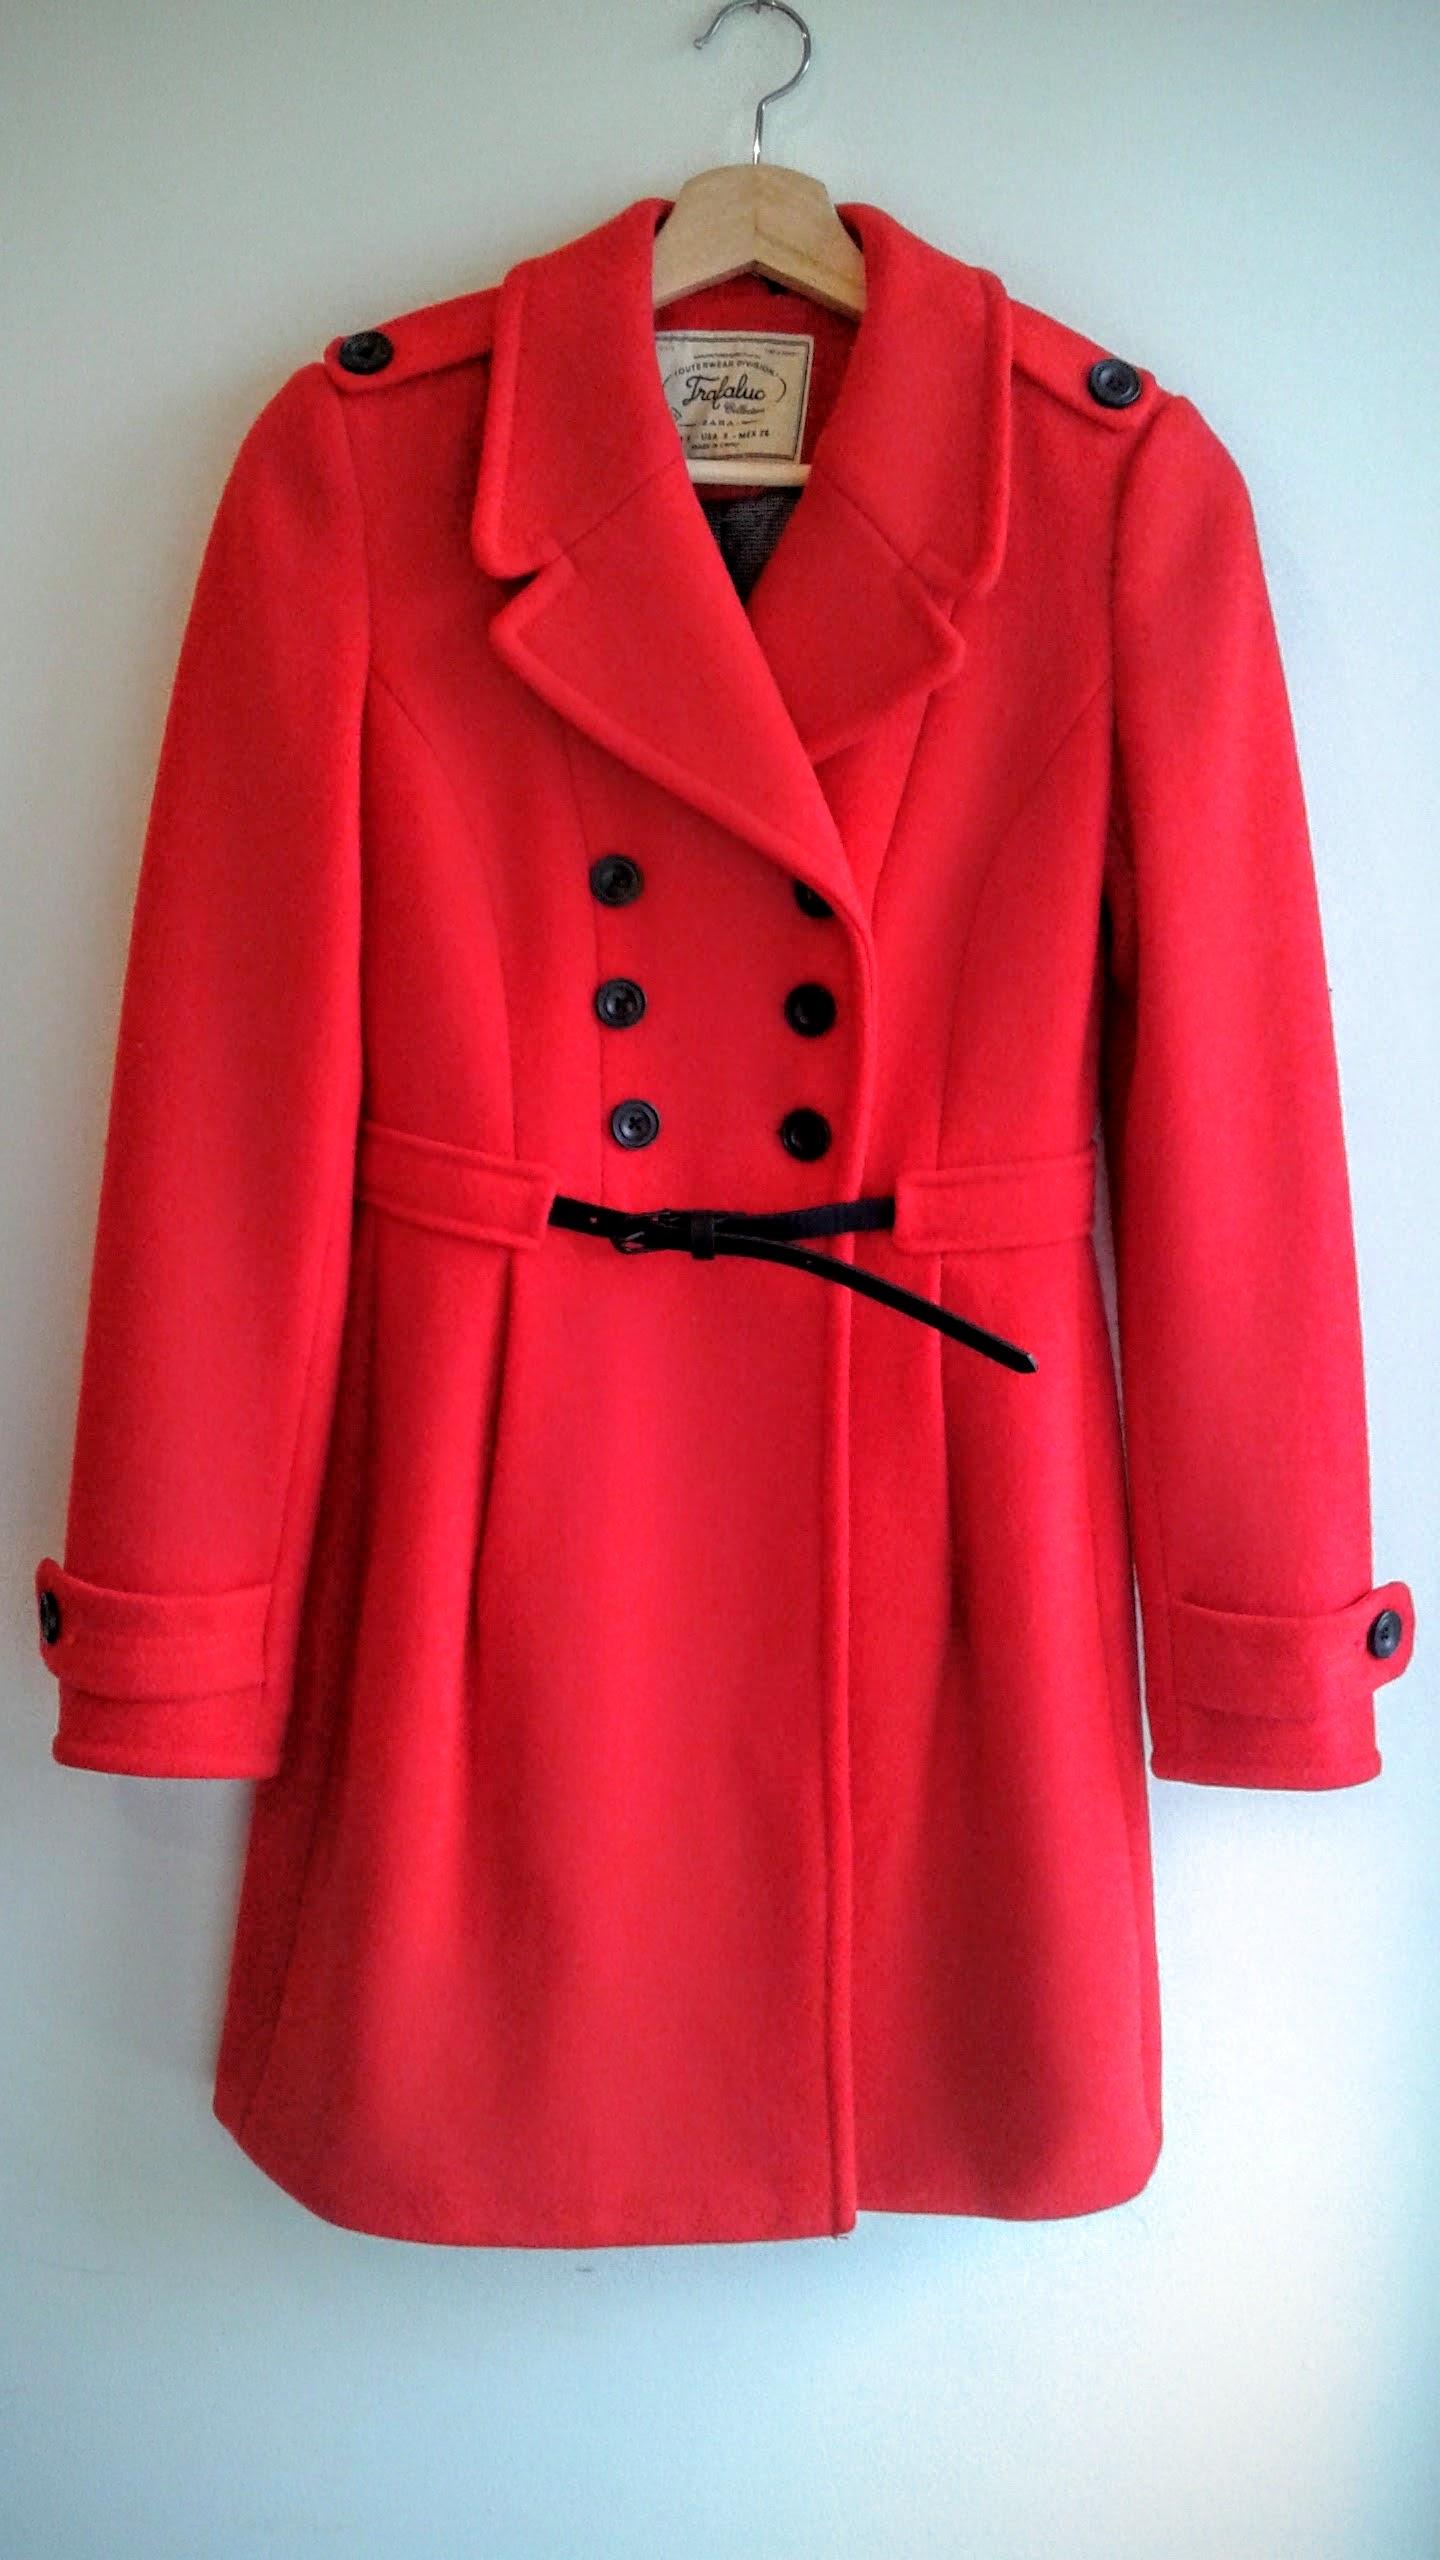 Zara  coat; Size S, $48